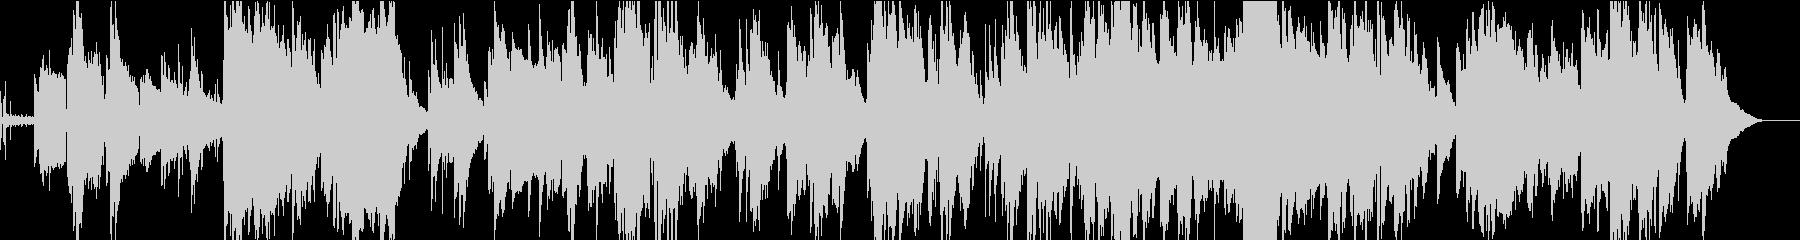 チェット・ベイカーへのジャズバラー...の未再生の波形